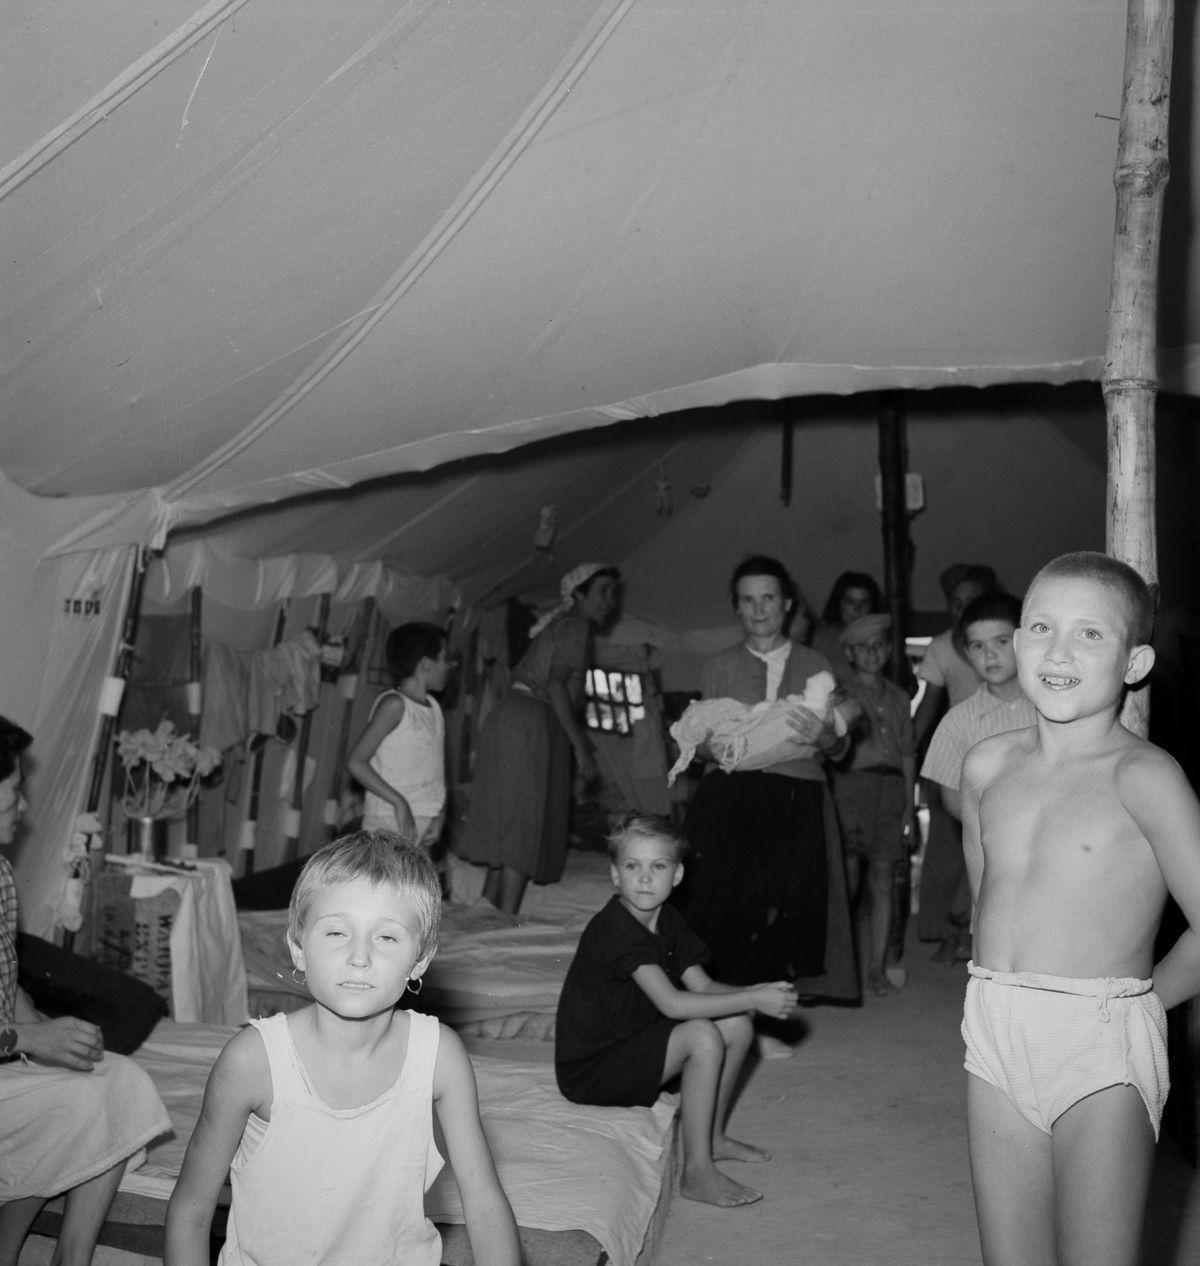 Quando os refugiados fugiram da Europa devastada pela guerra buscando paraísos no Oriente Médio 10